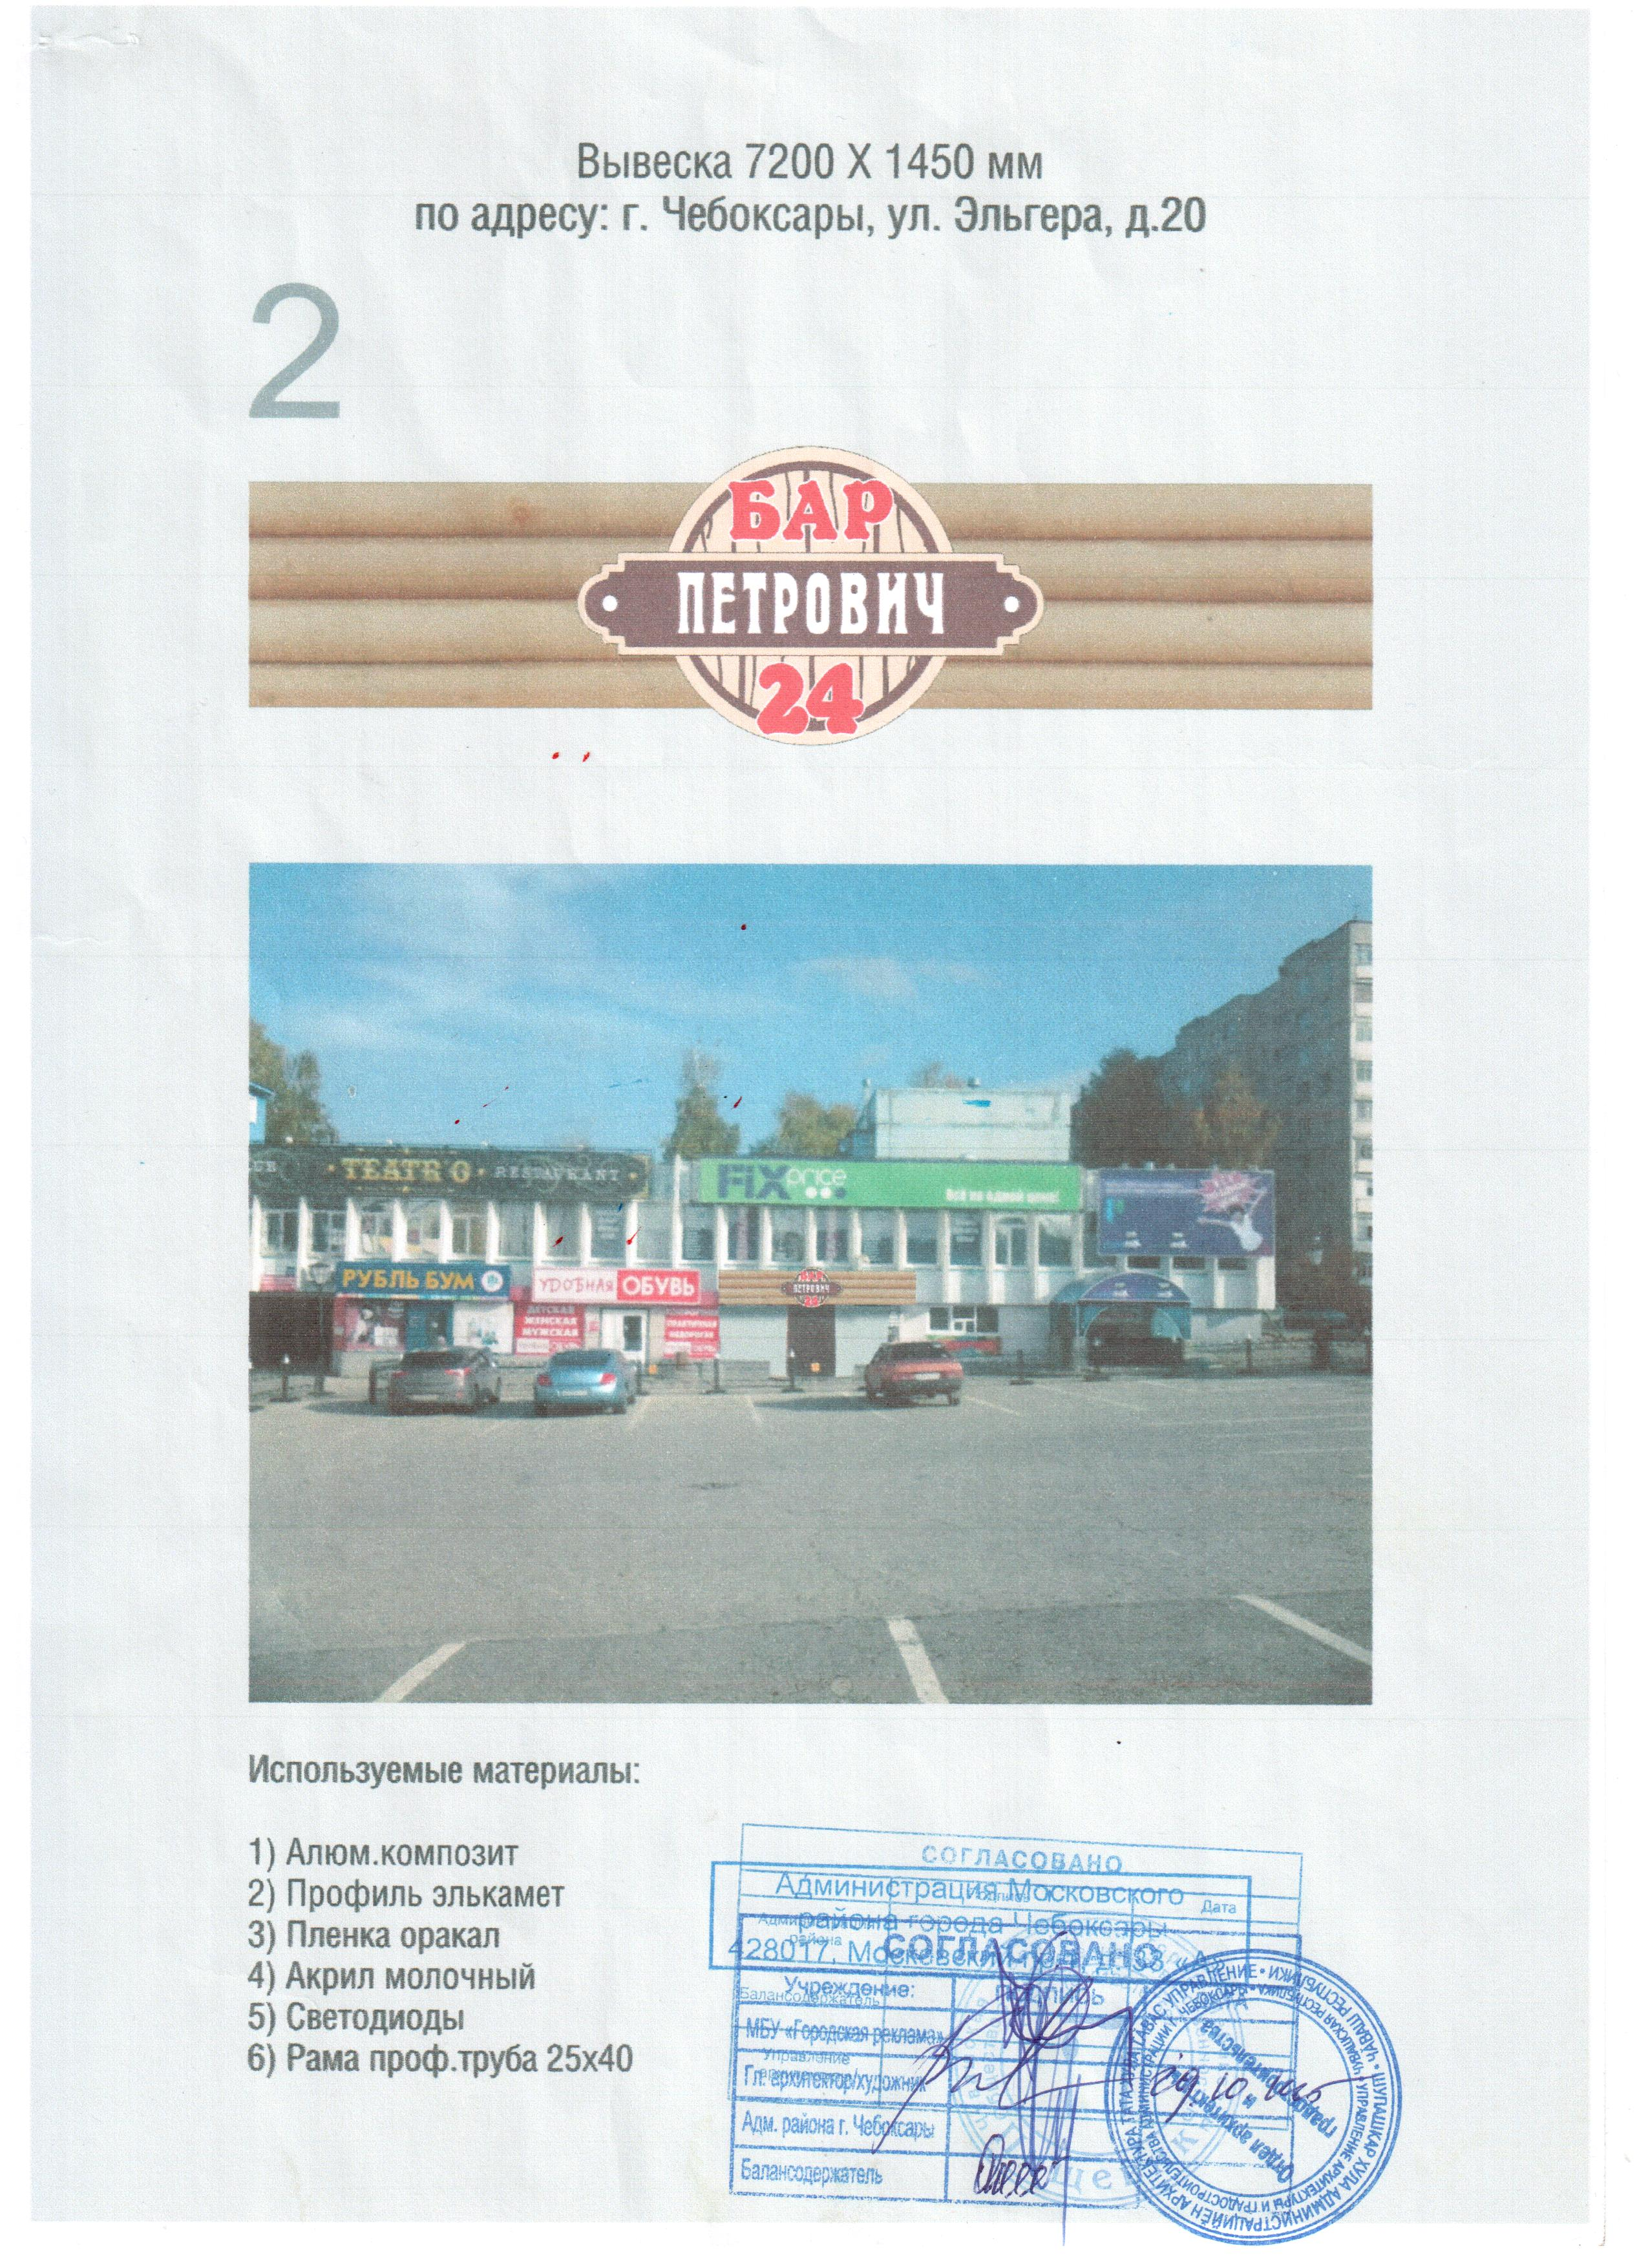 согласование вывески Петрович - Эльгера